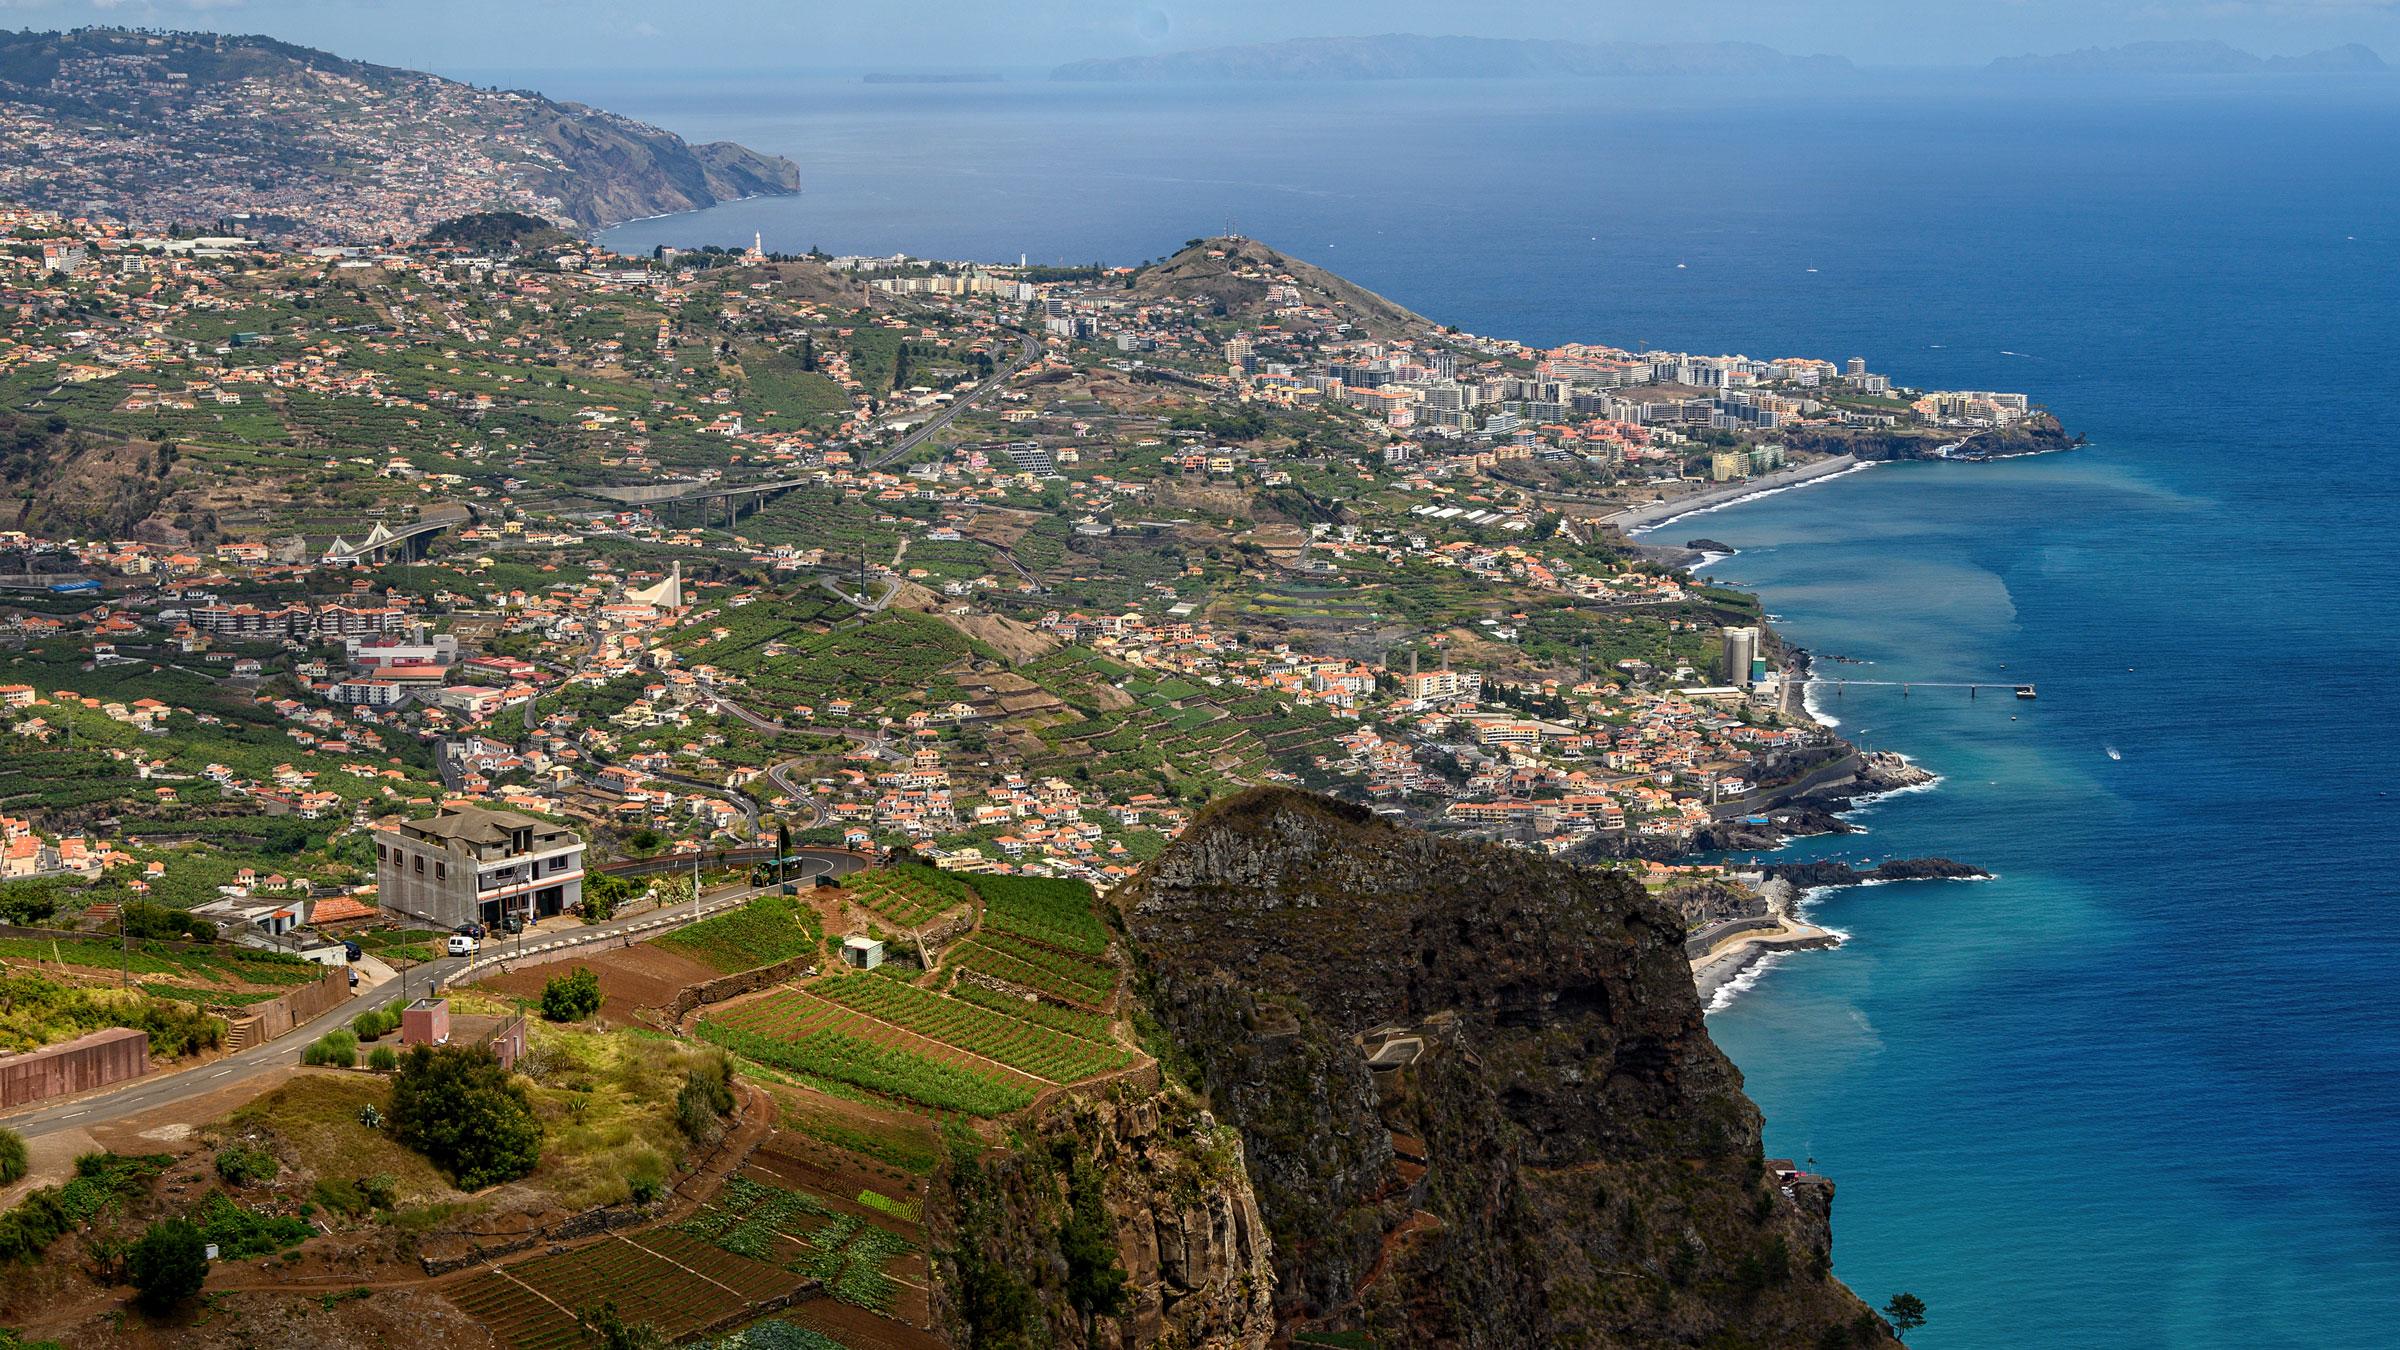 A view of Camara de Lobos, on the southern coast of Portugal's Madeira Island.